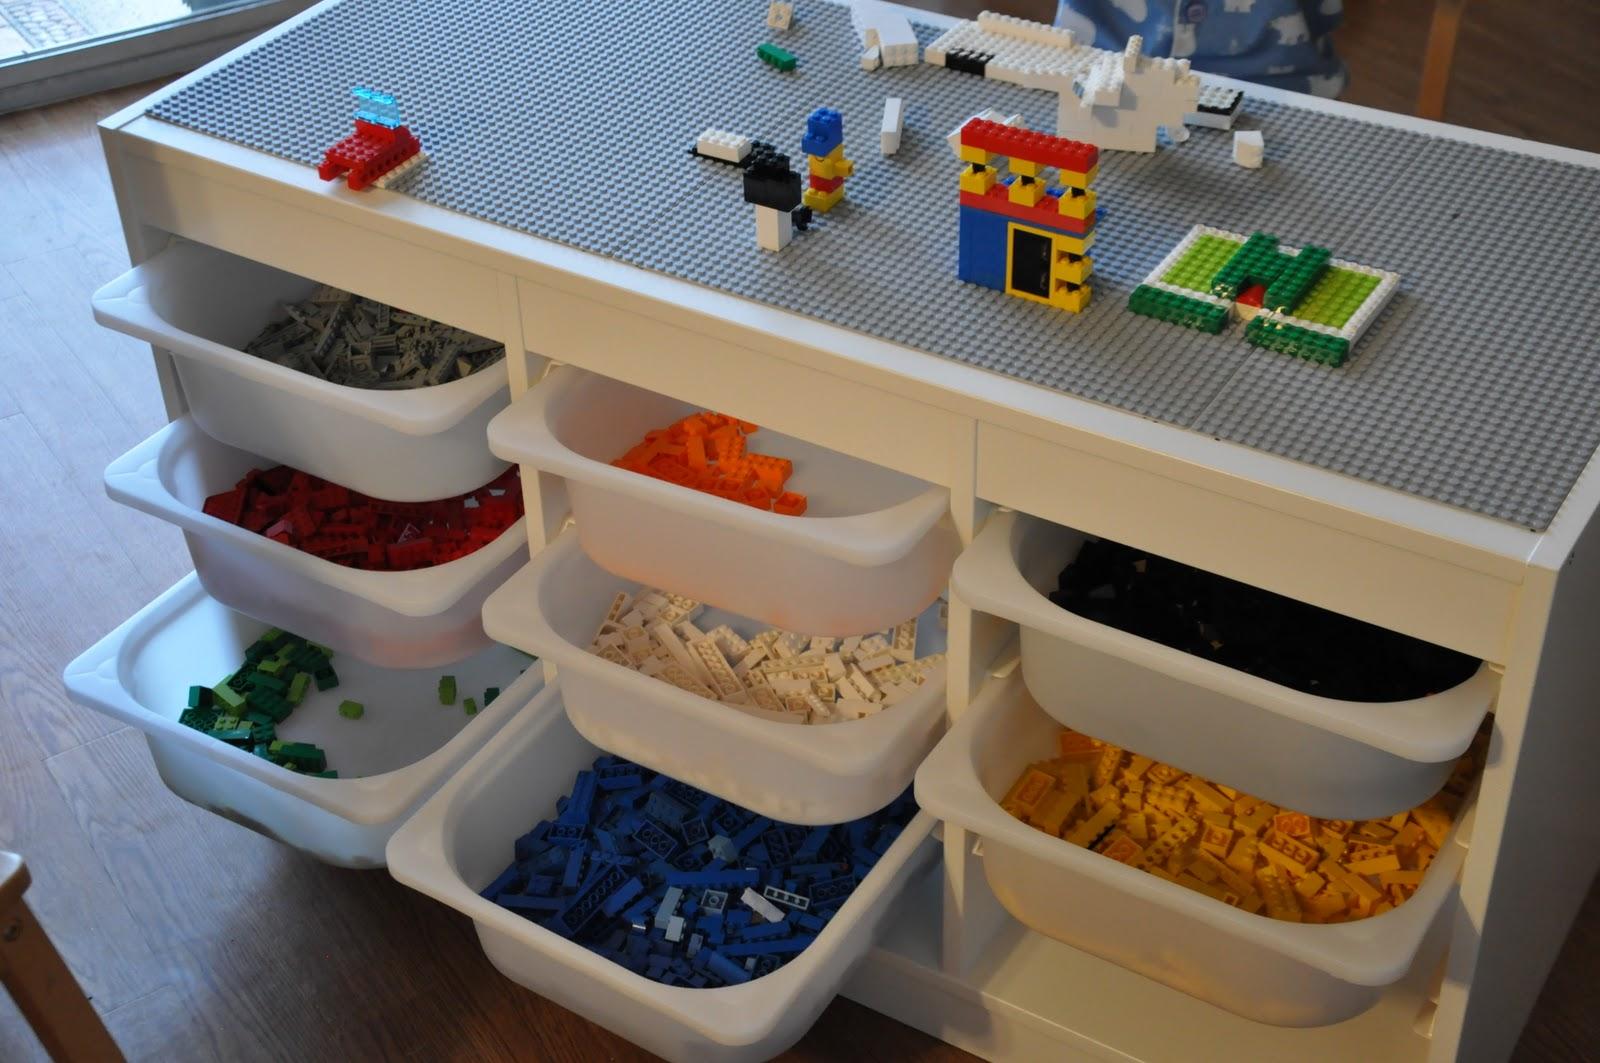 lego_table.JPG